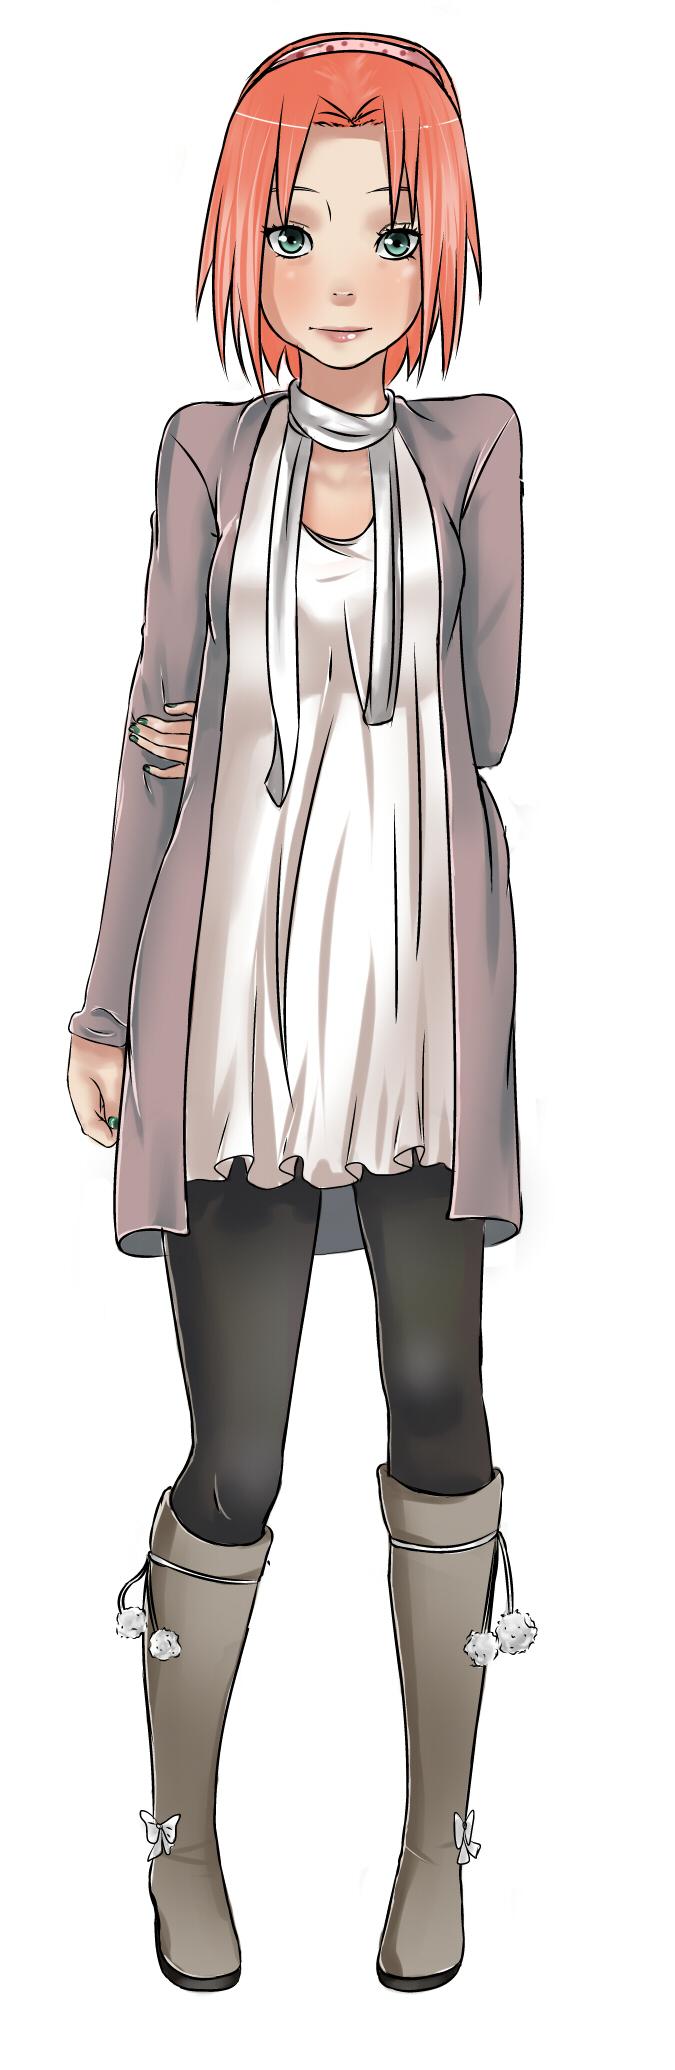 Sakura Haruno fan art Anime (〜 ̄  ̄)〜 Pinterest Sakura